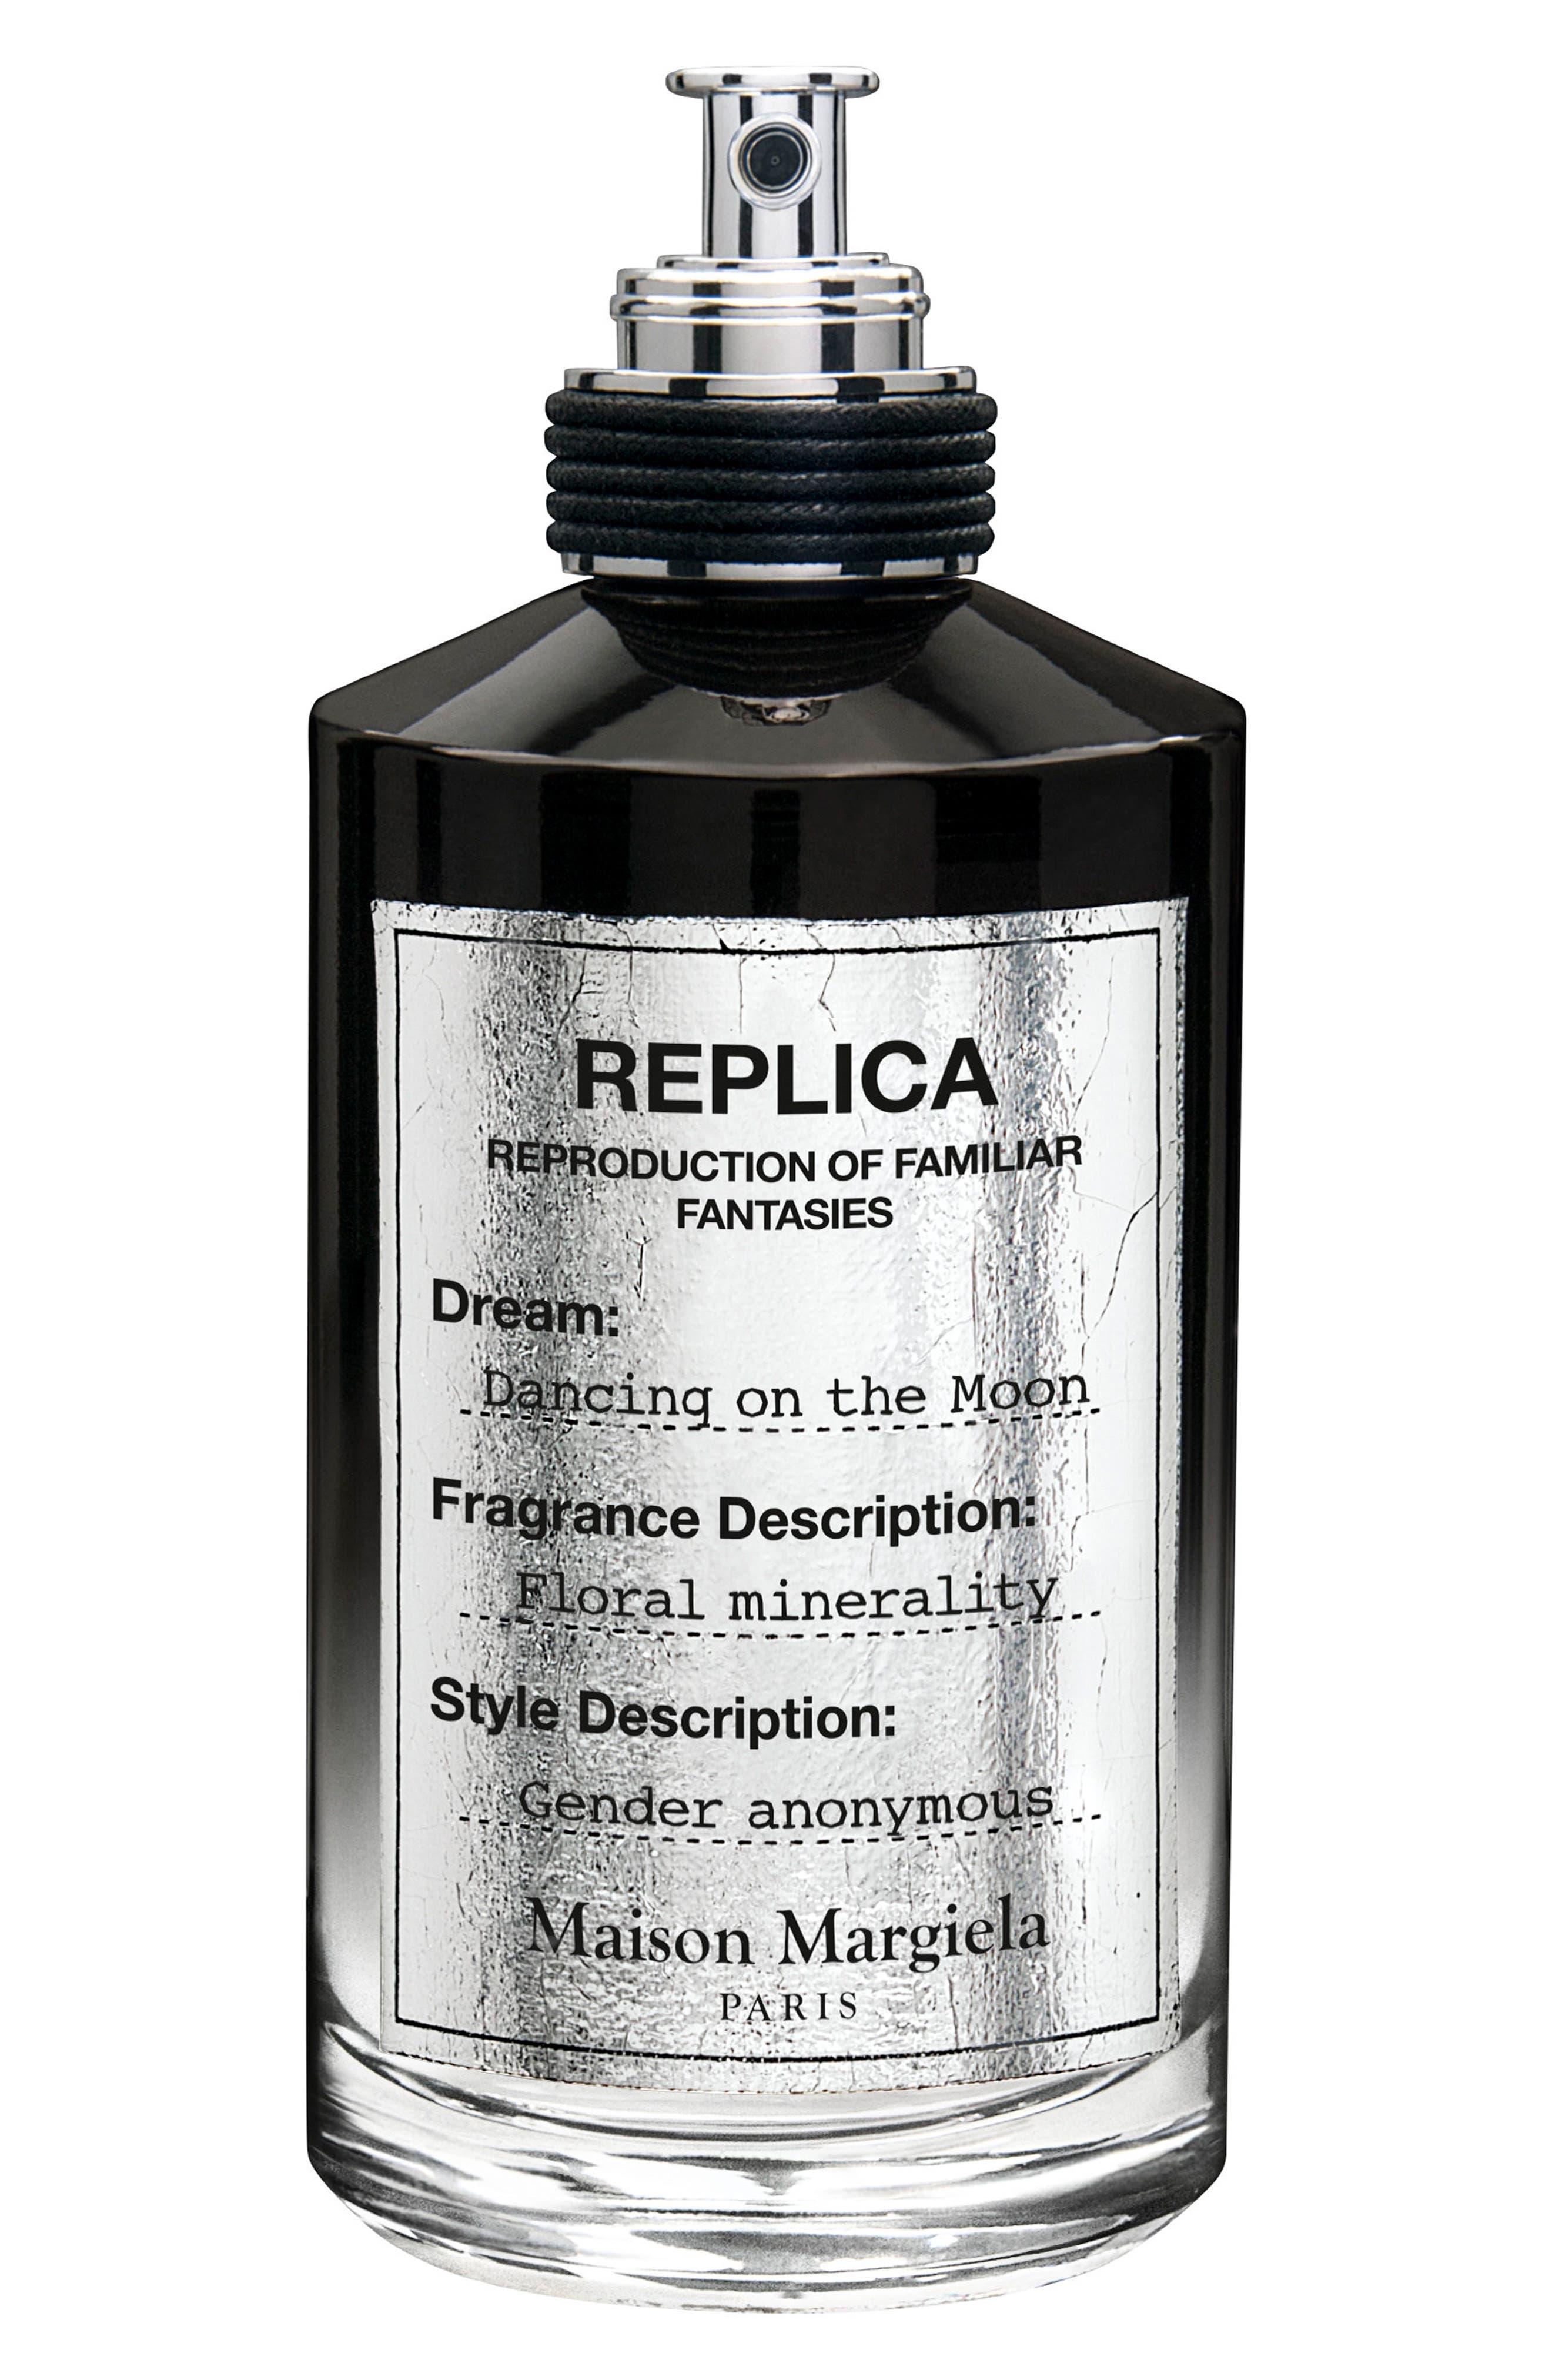 MAISON MARGIELA, Replica Dancing on the Moon Eau de Parfum, Main thumbnail 1, color, NO COLOR